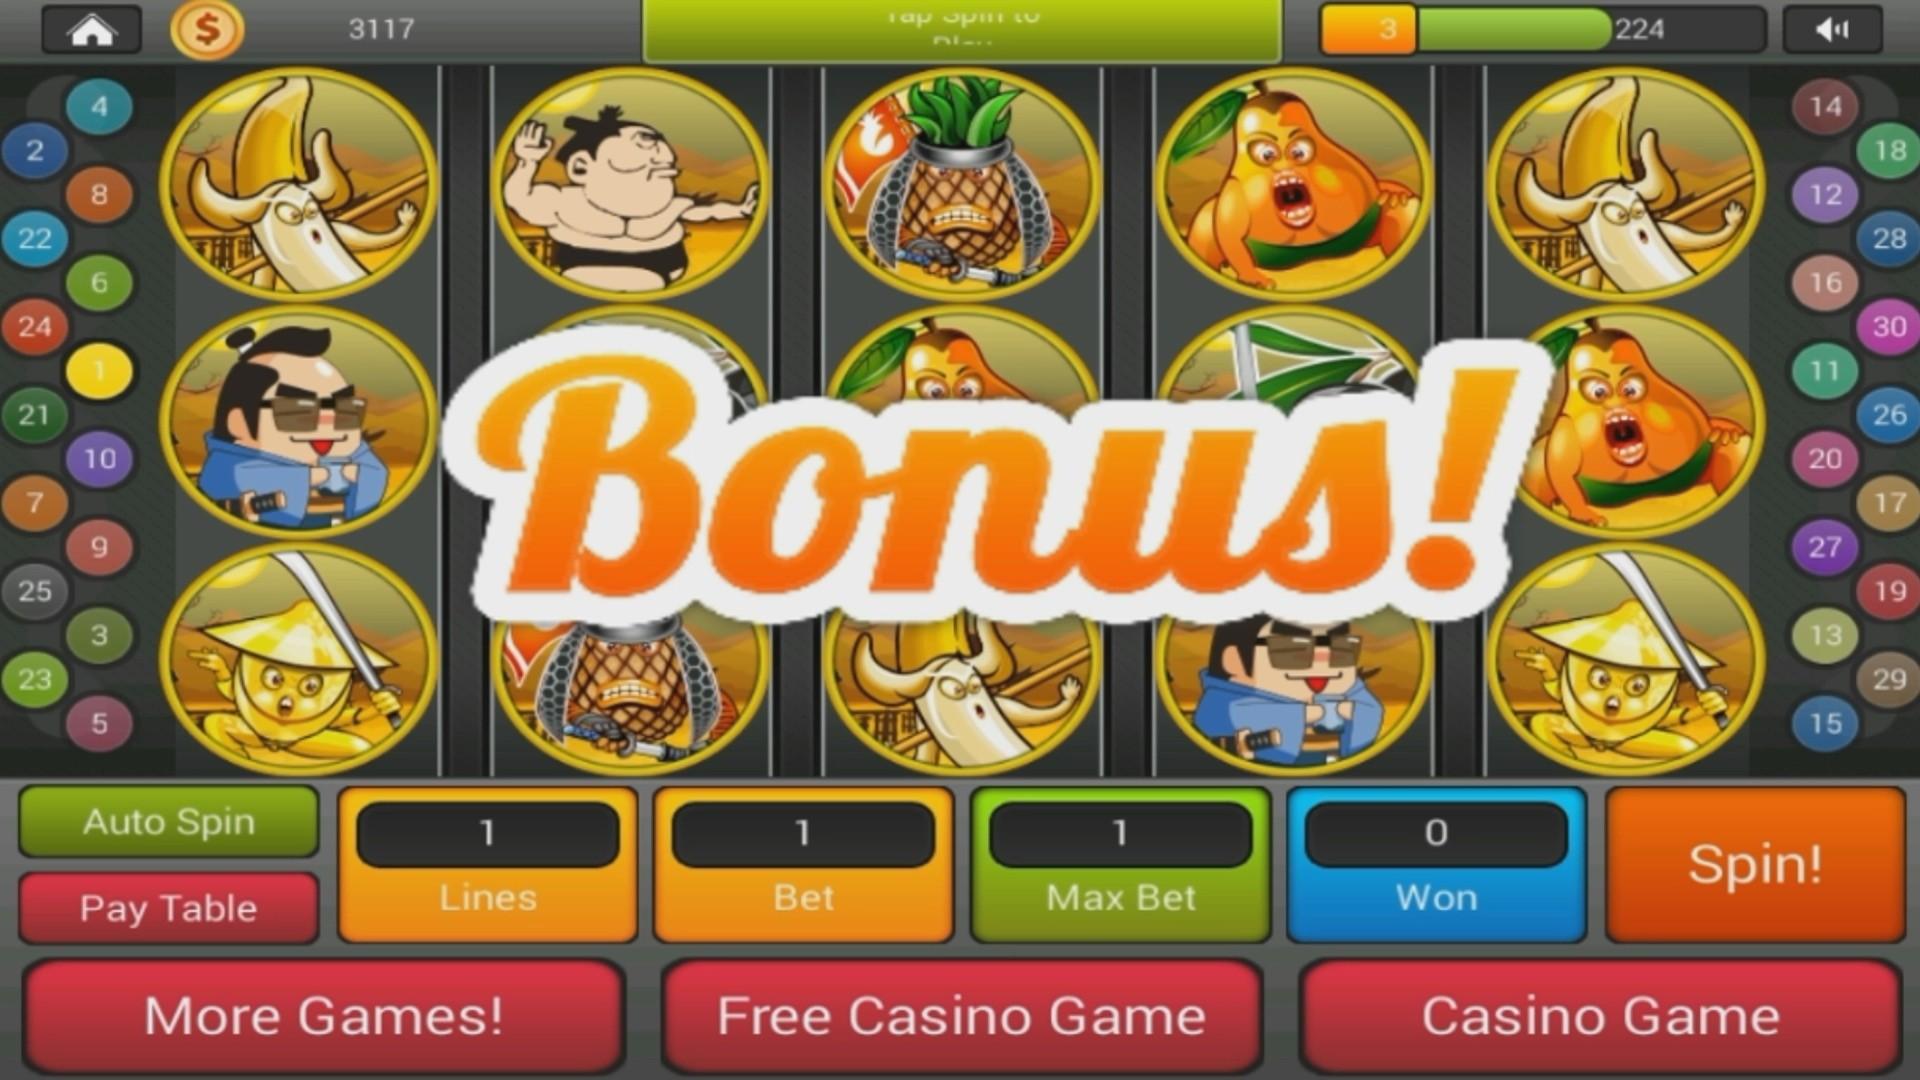 Jugar loteria en linea casino online Ecuador gratis tragamonedas 718293